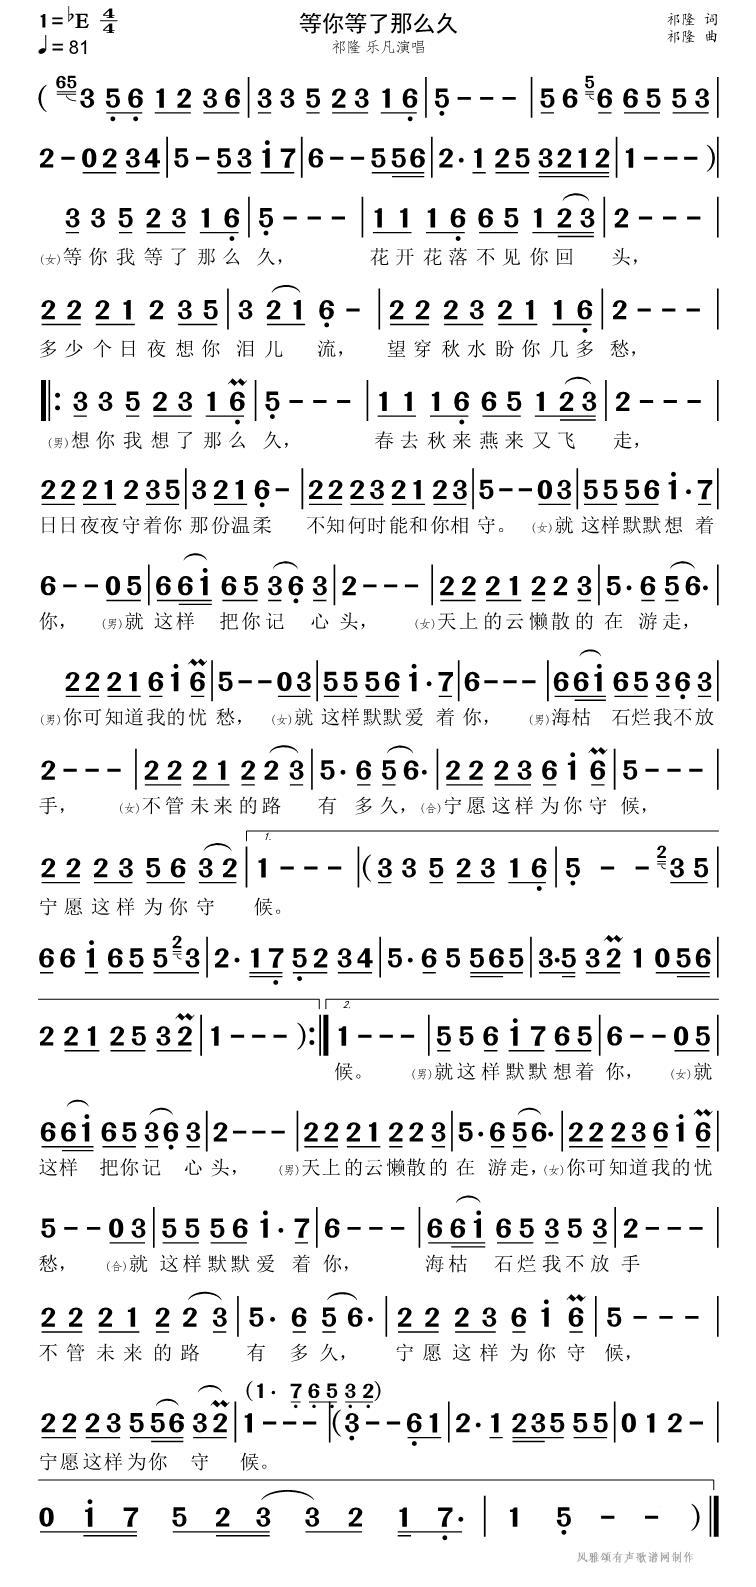 等你等了那么久高清打印歌谱简谱